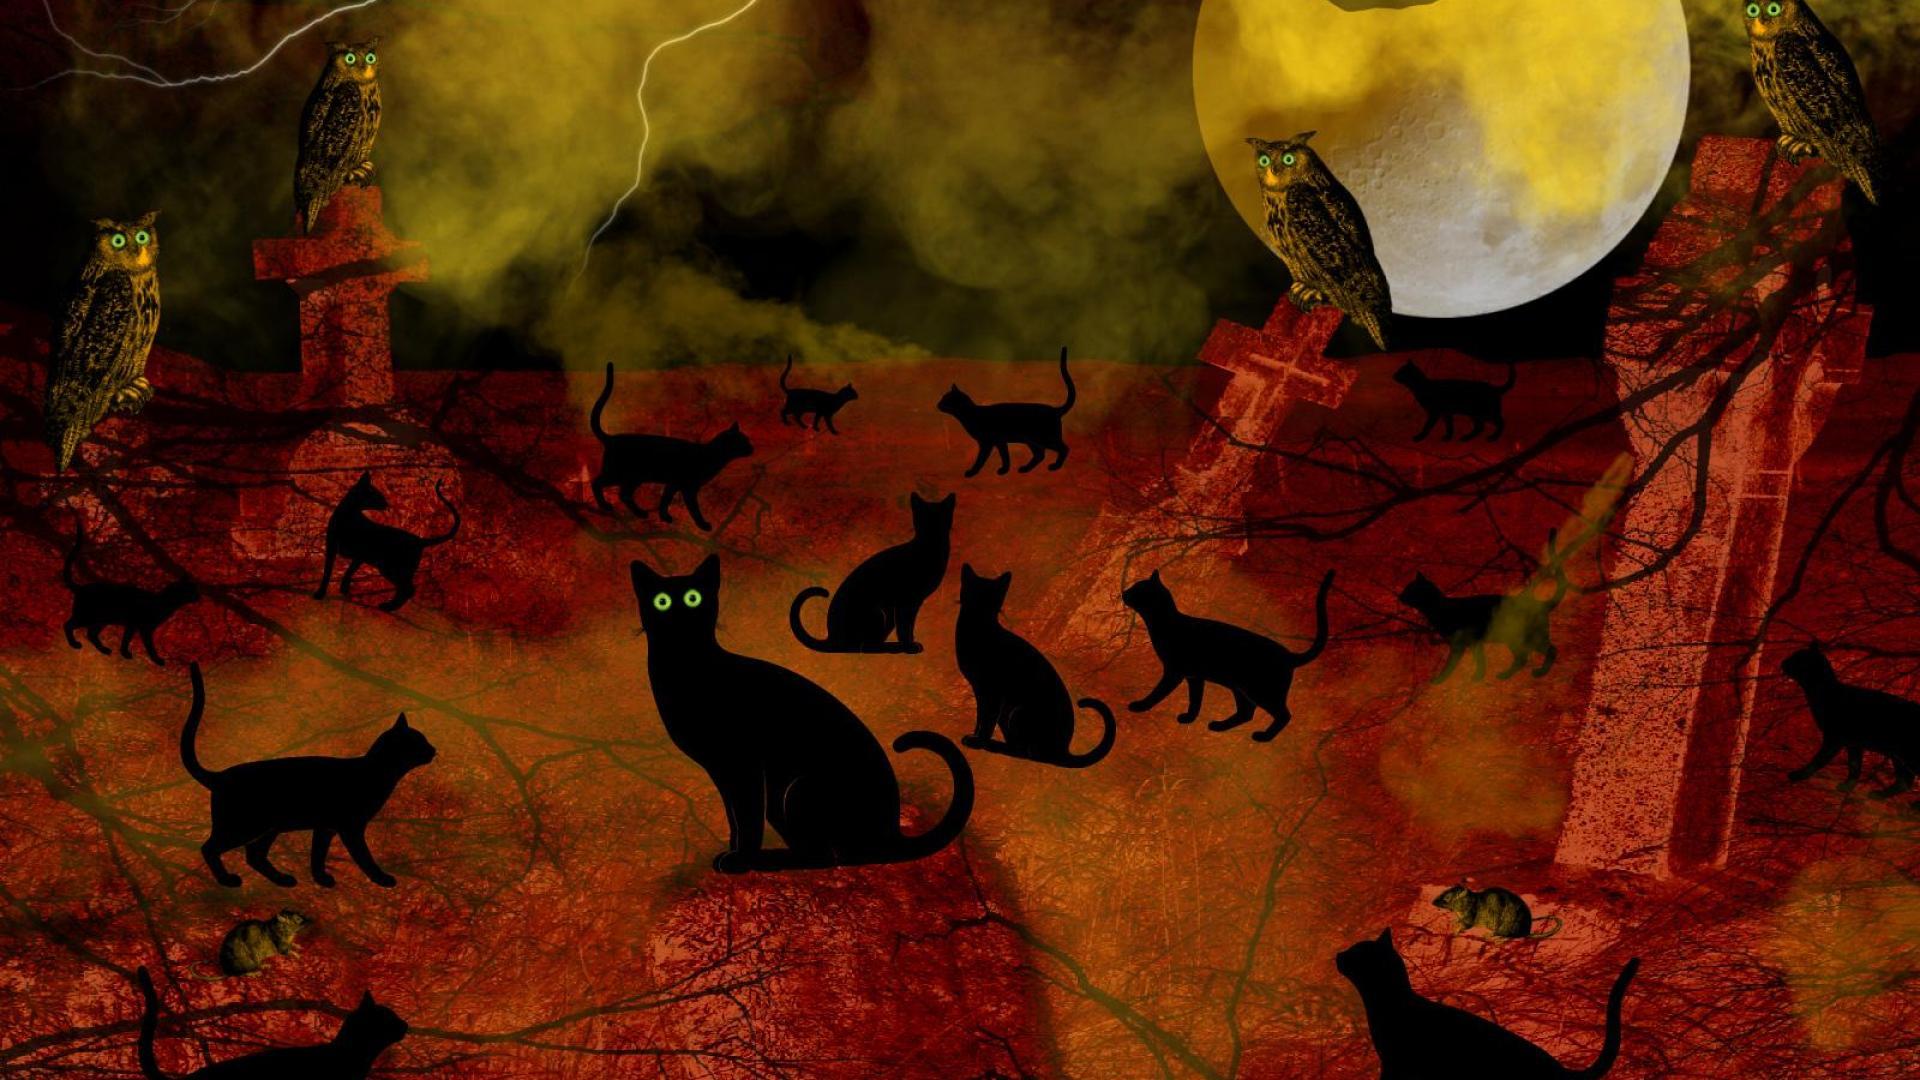 43 hd widescreen wallpaper halloween cats on wallpapersafari - Free widescreen halloween wallpaper ...